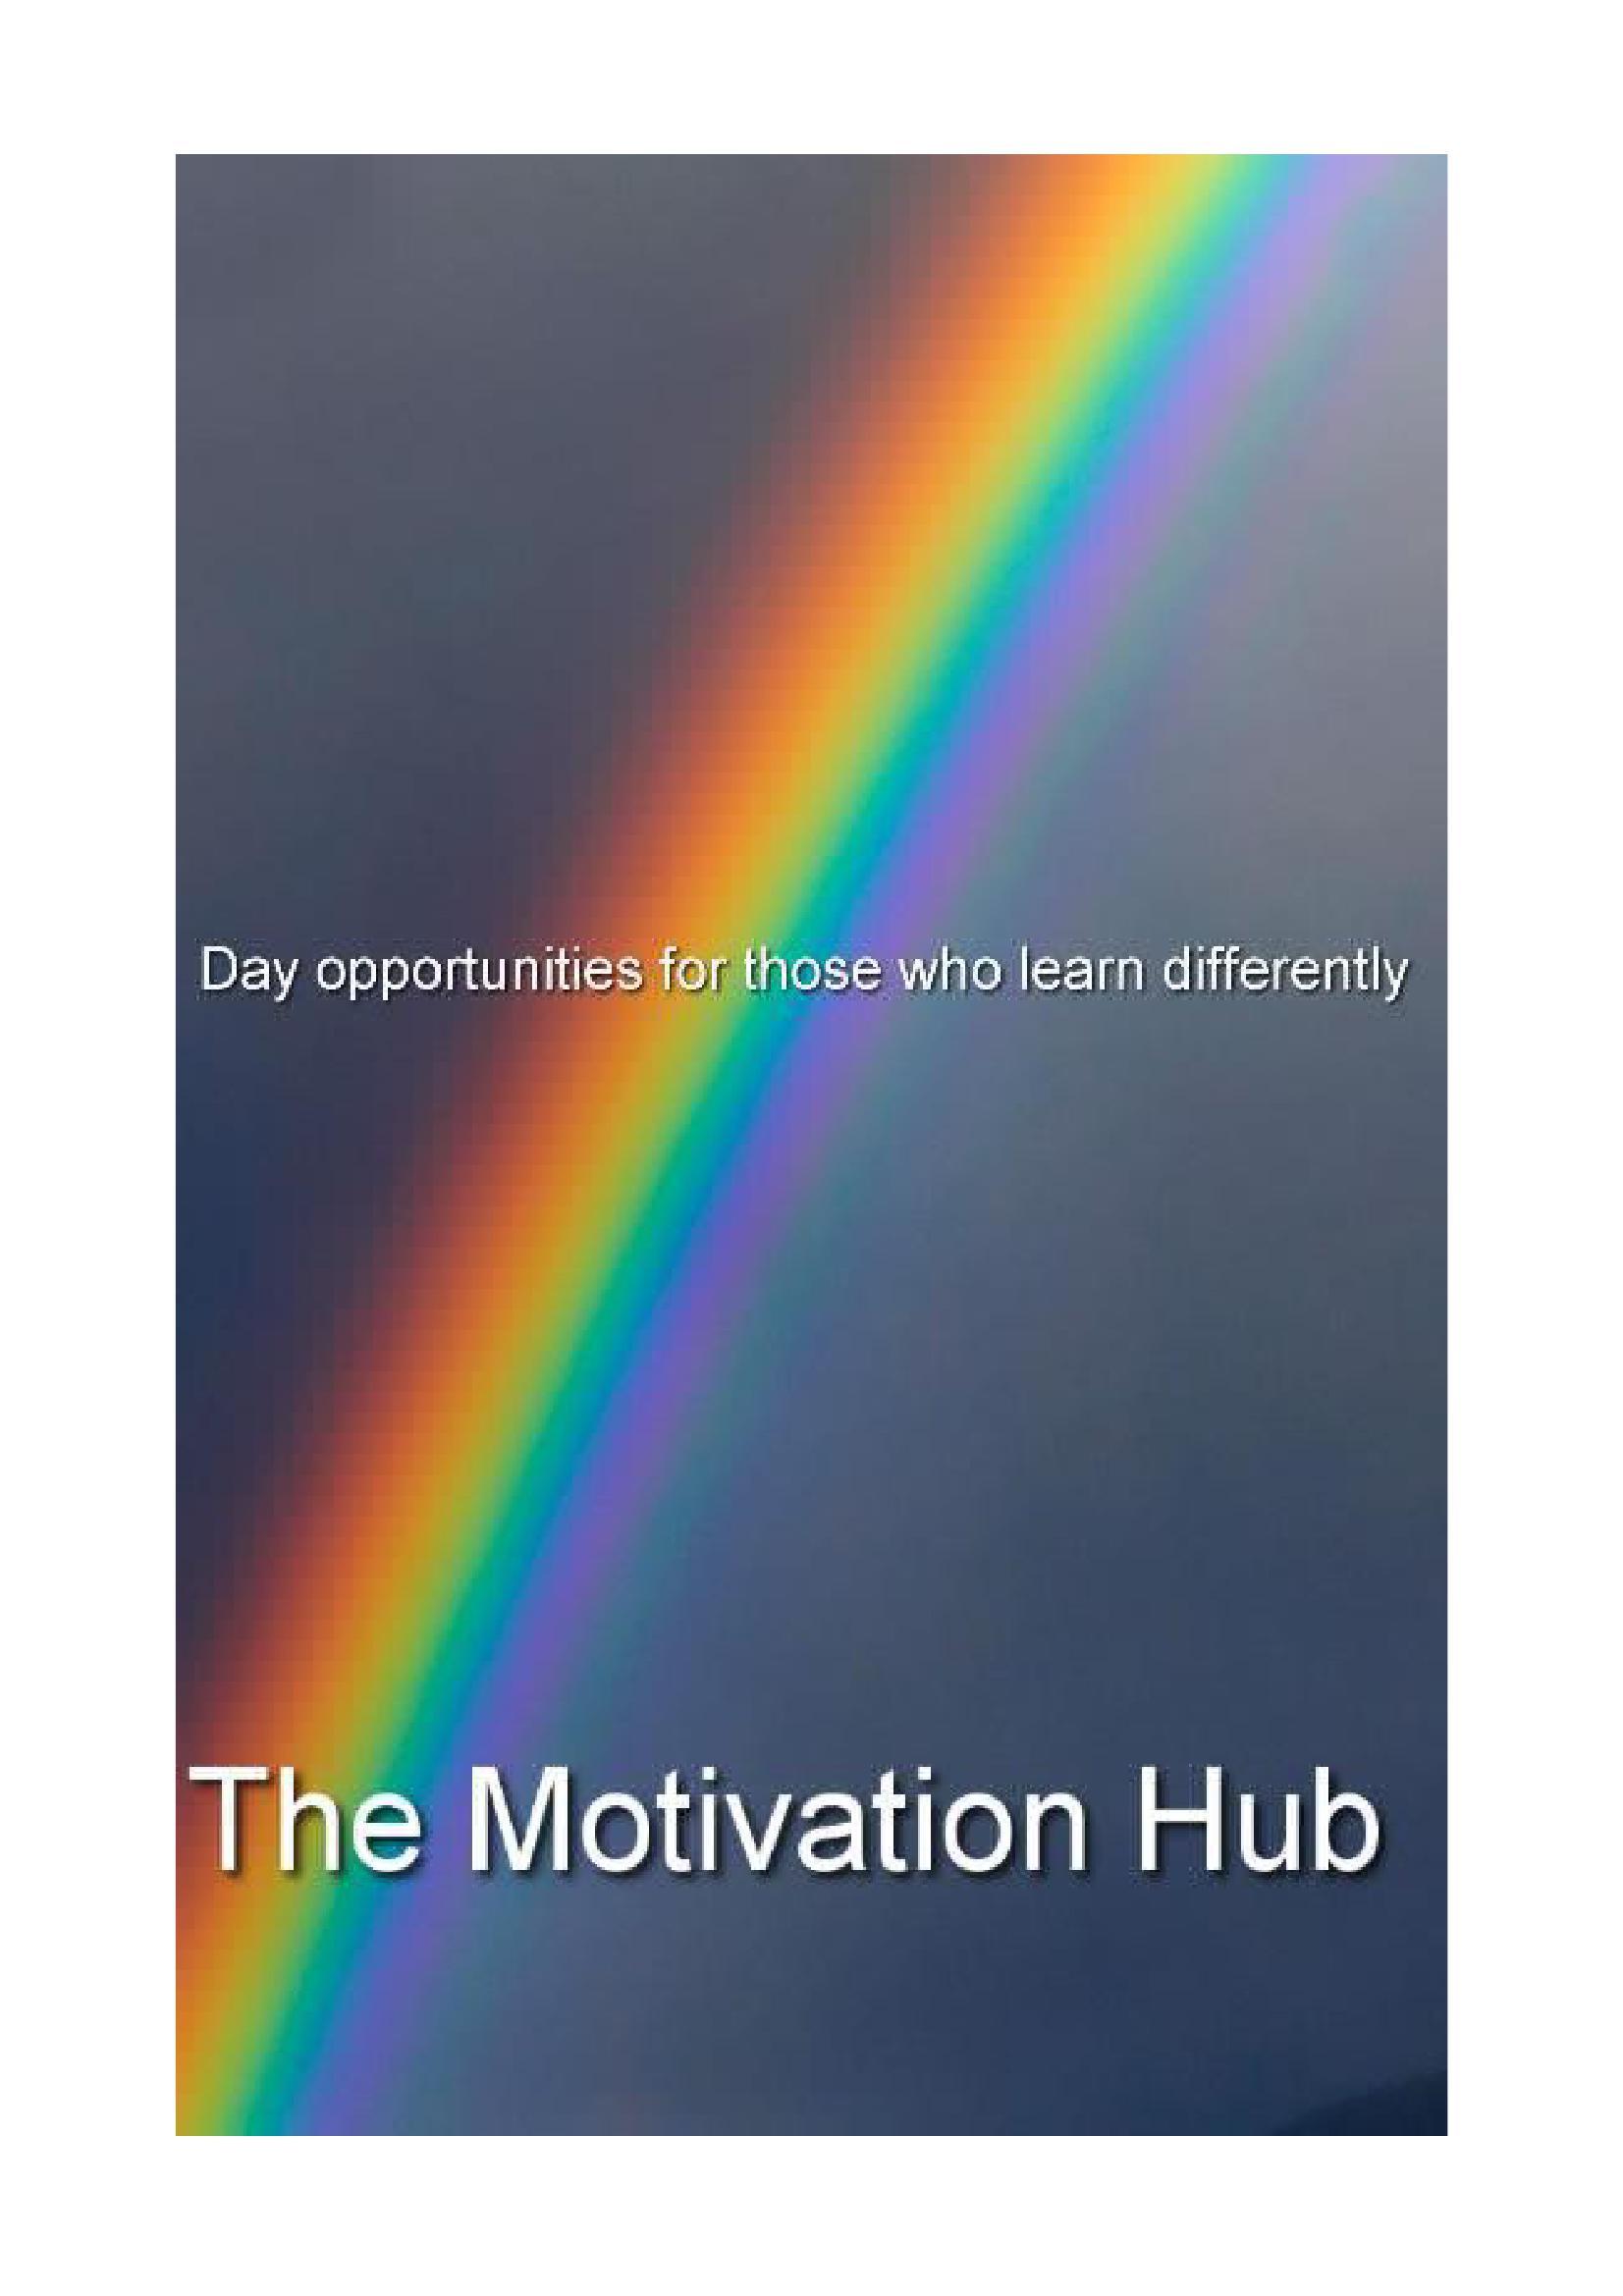 Motivation Hub_000001